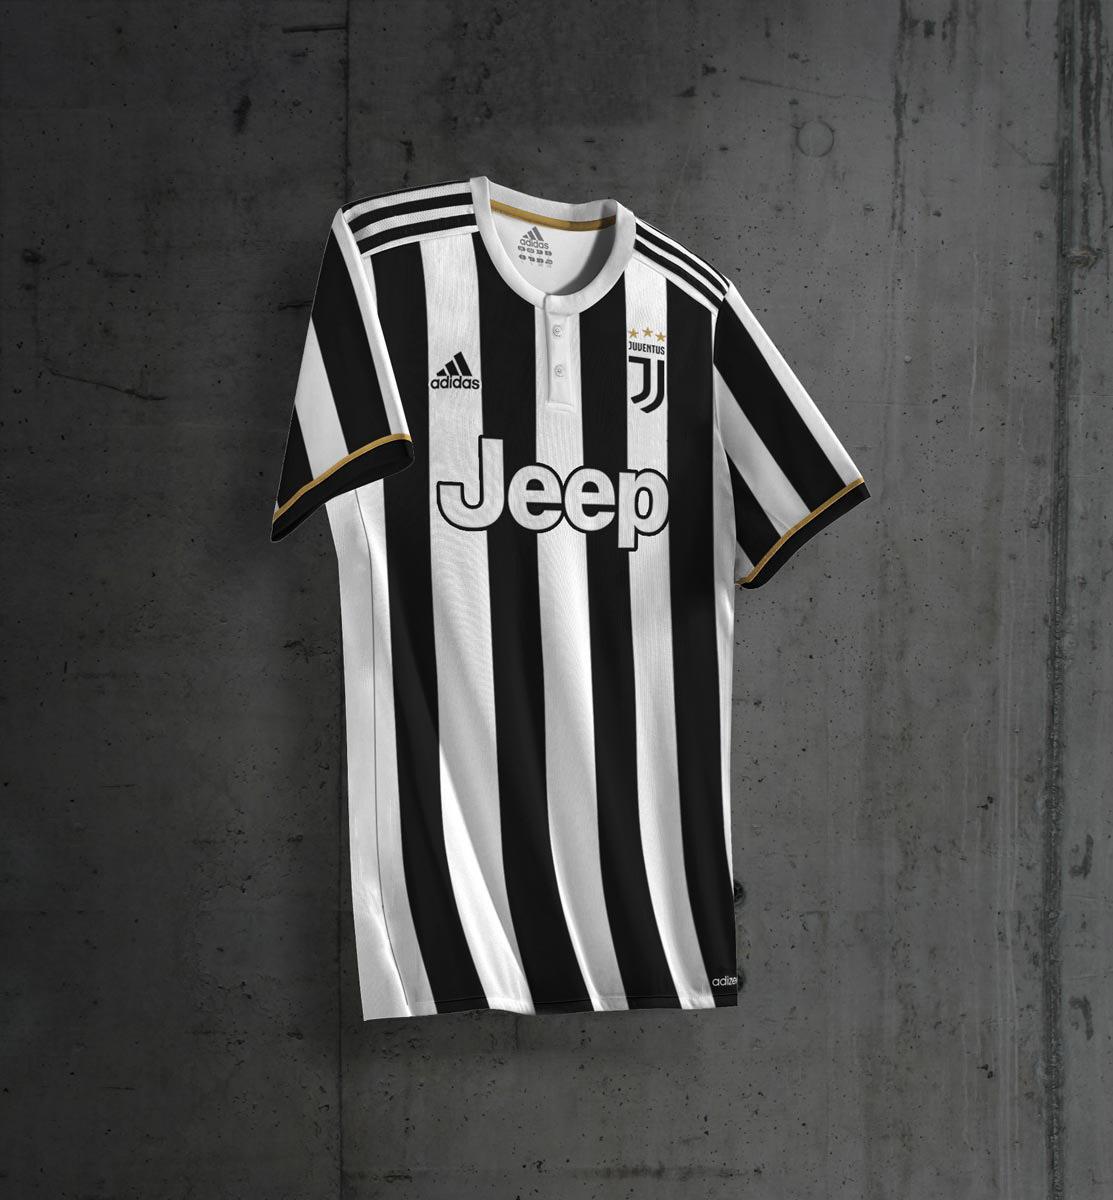 juventus-new-logo-17-18-jersey-4